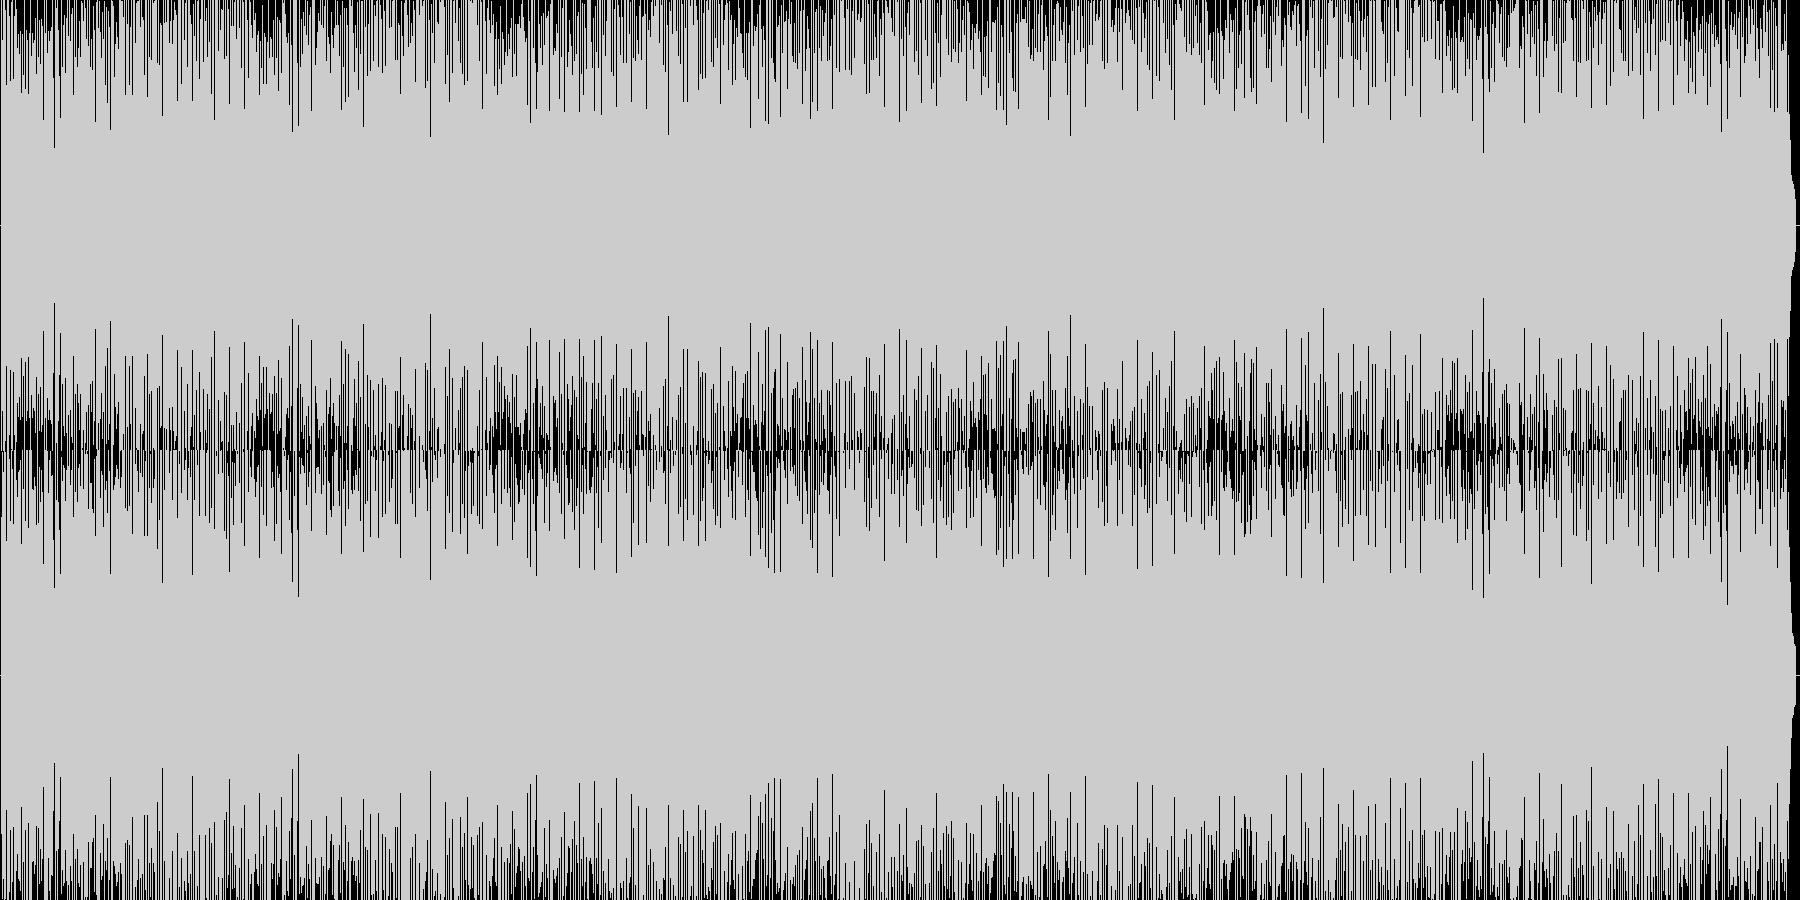 ピアノジャズポップお洒落ミドルテンポ7分の未再生の波形